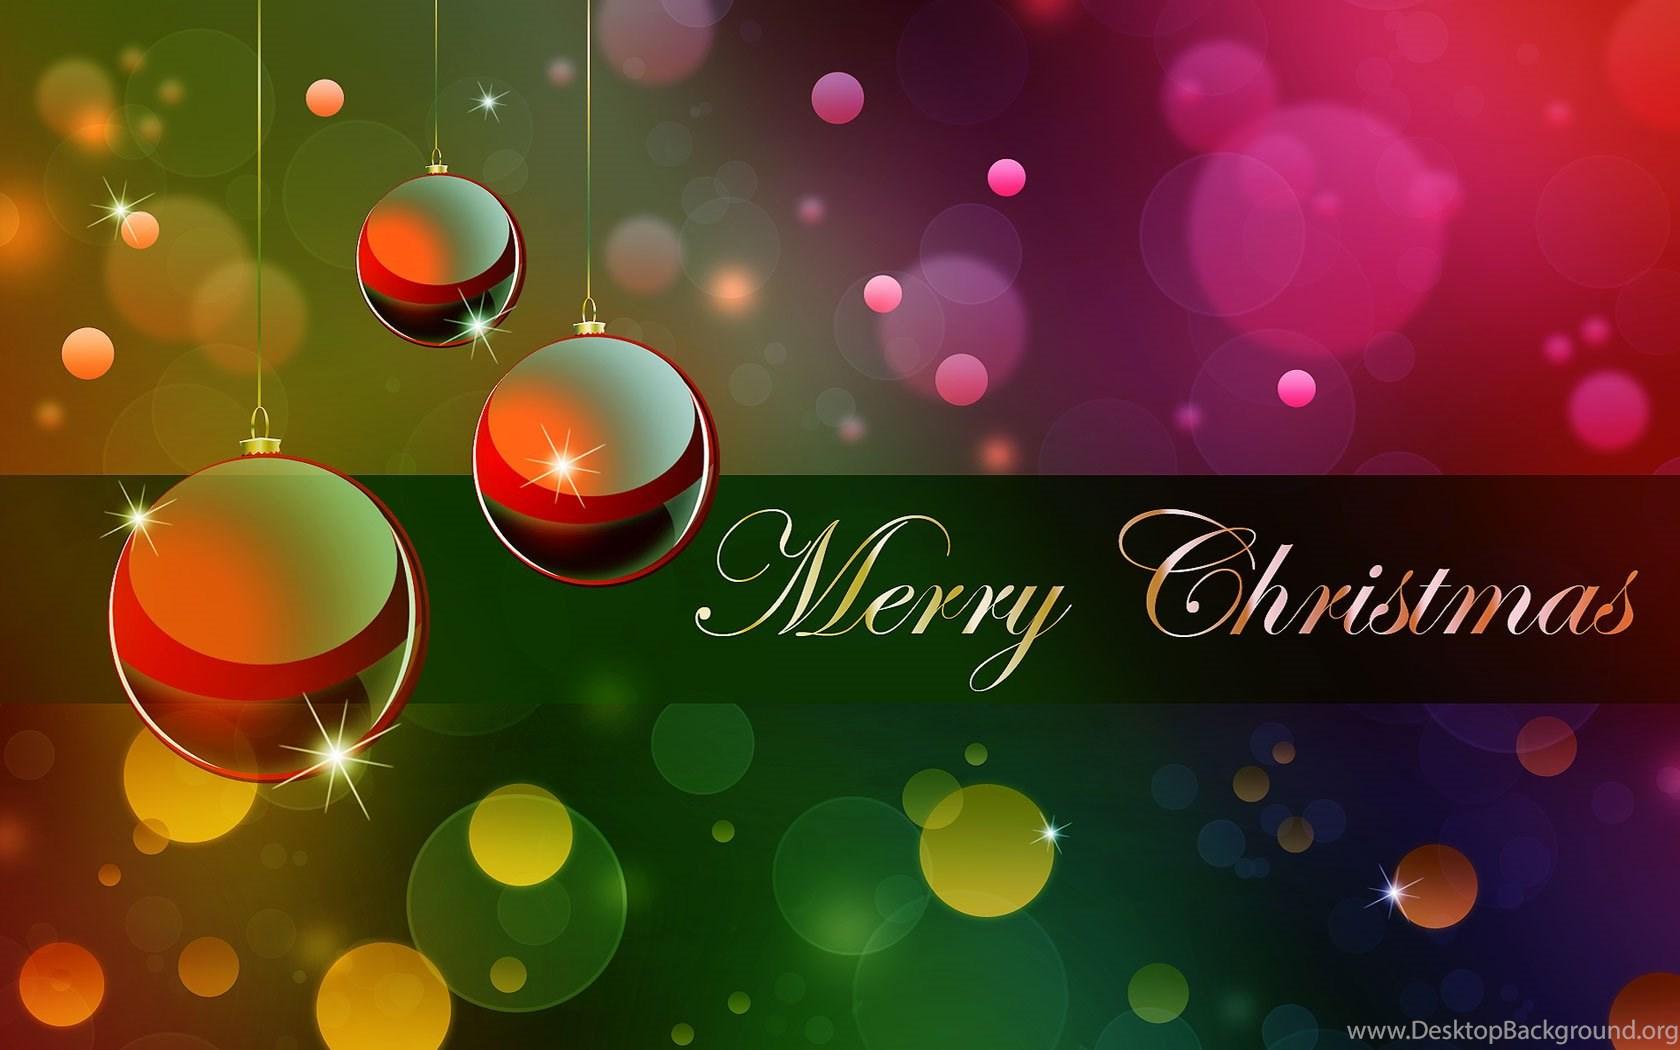 Merry Christmas Wallpaper Hd Widescreen 3 Jpg Desktop Background